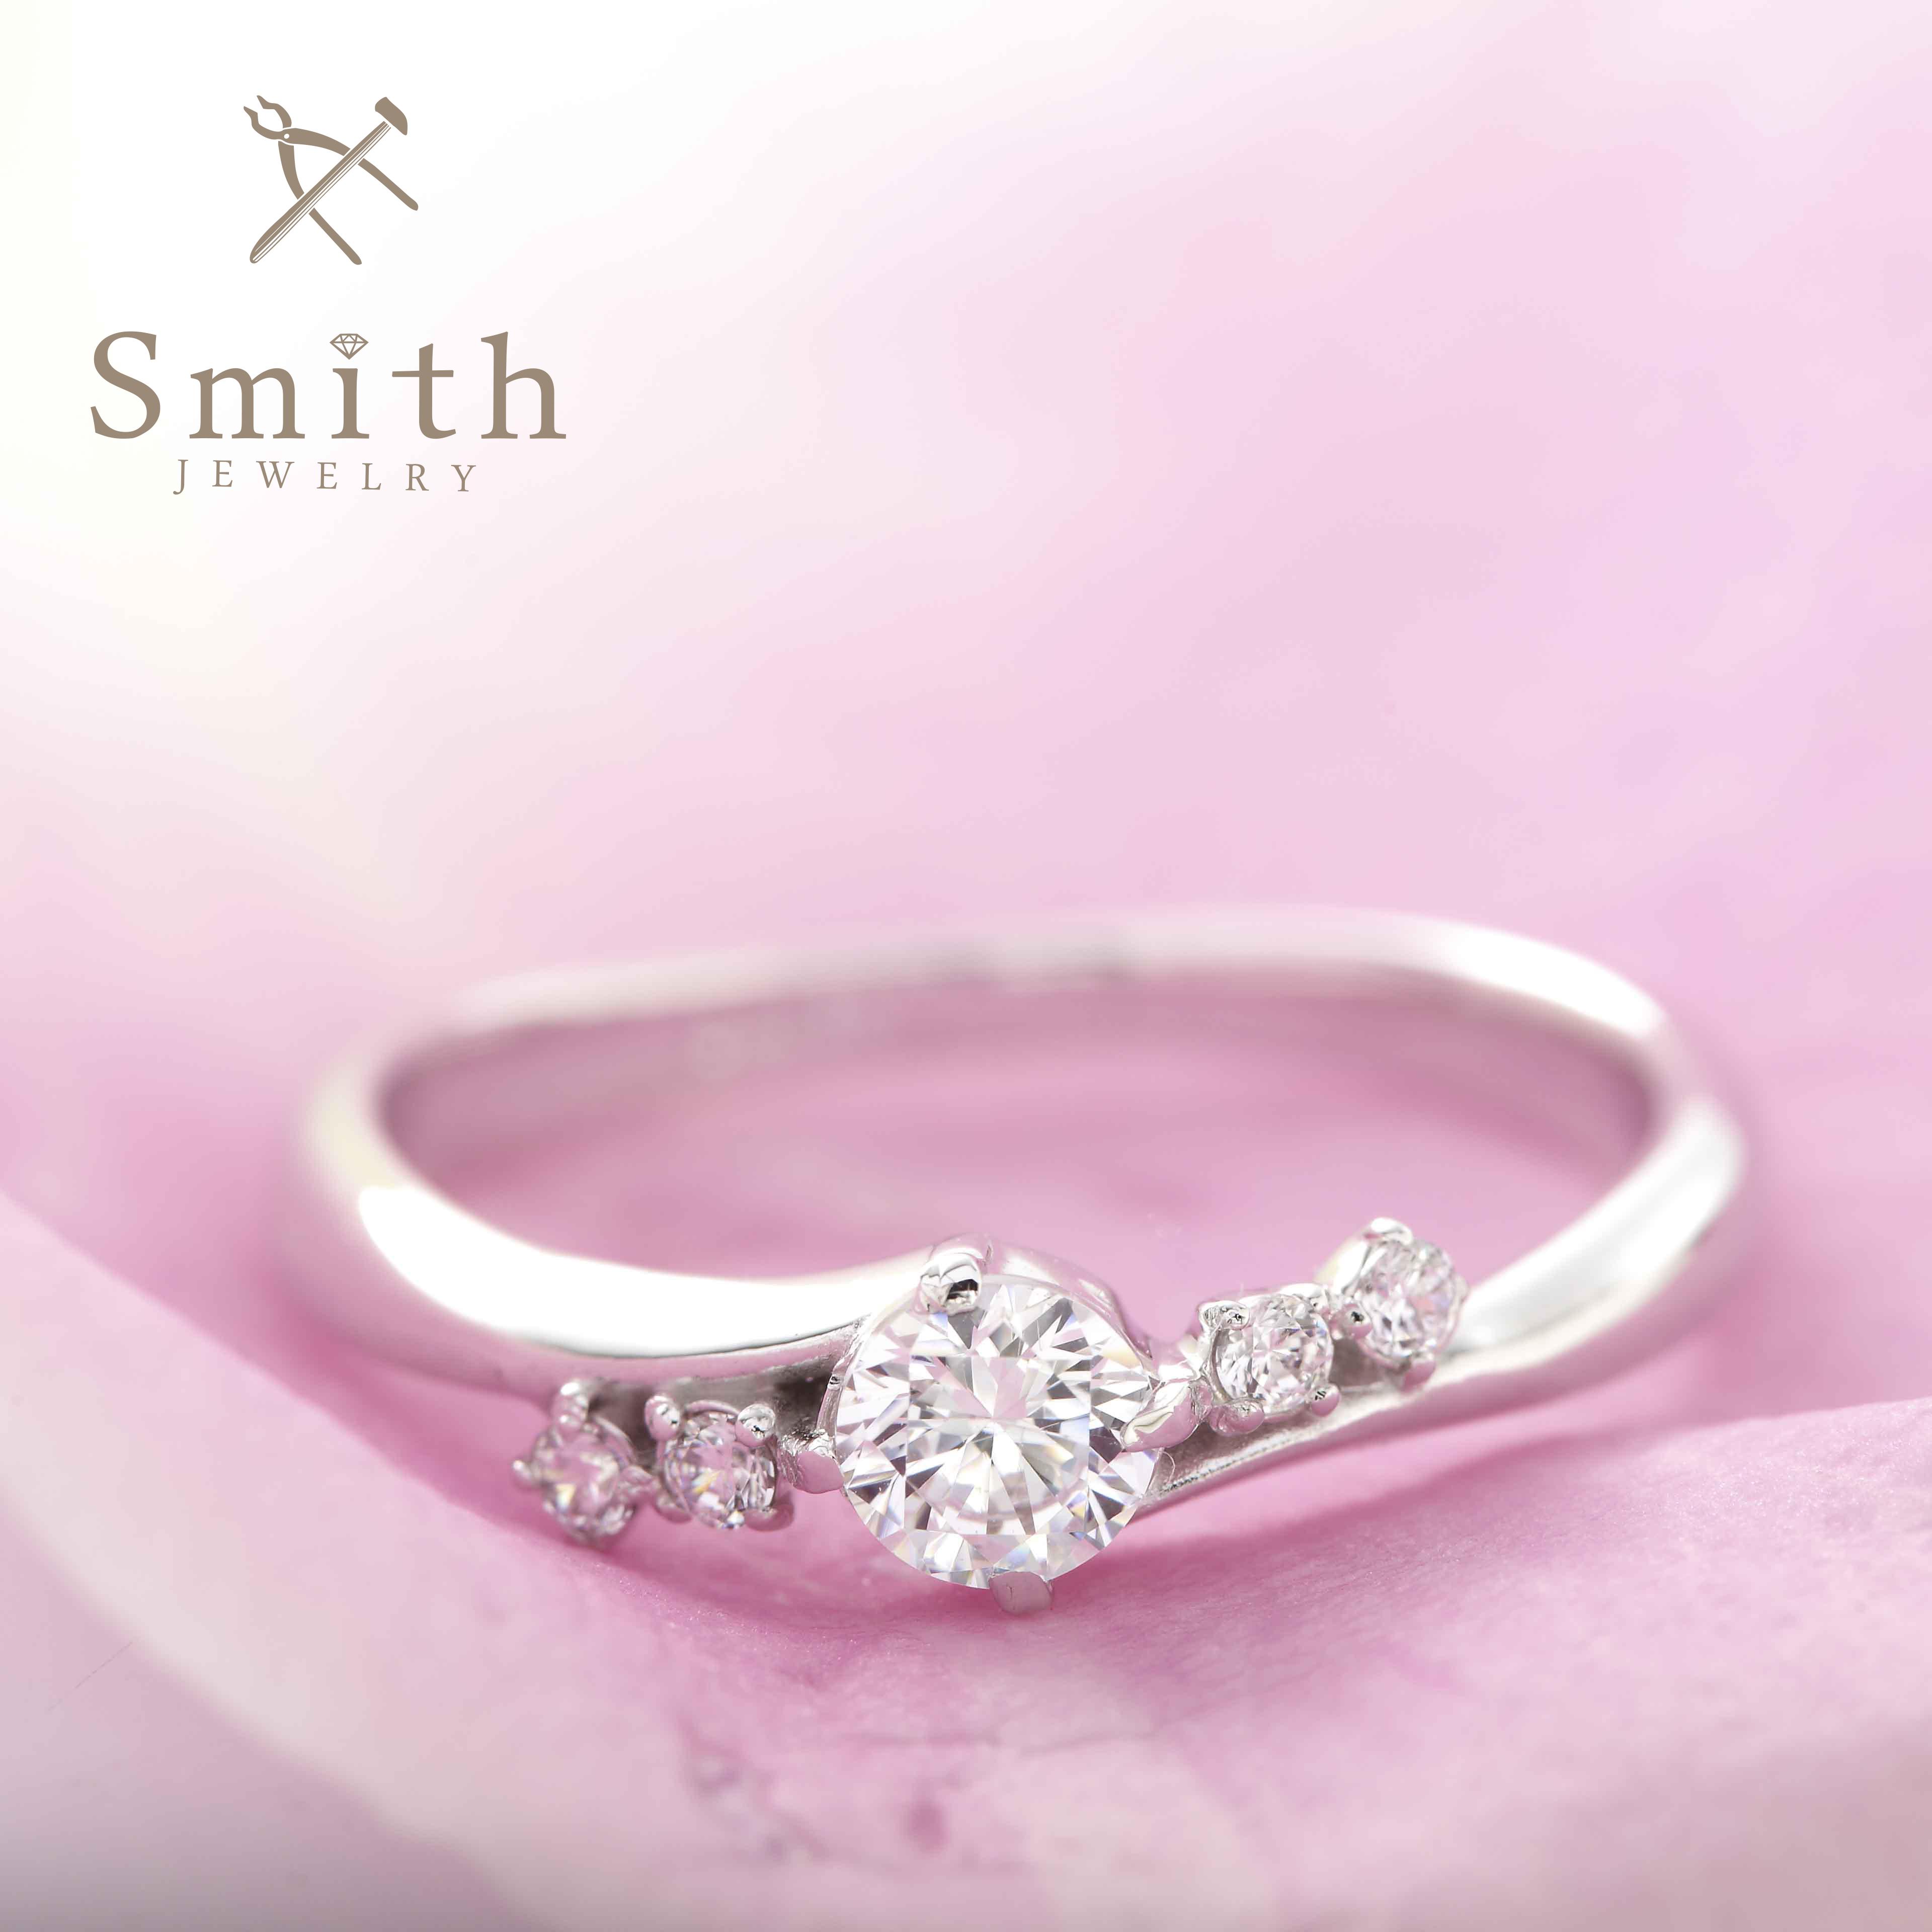 【Smith】オーダーメイド婚約指輪 憧れのサイドメレリングもツイストで個性的に